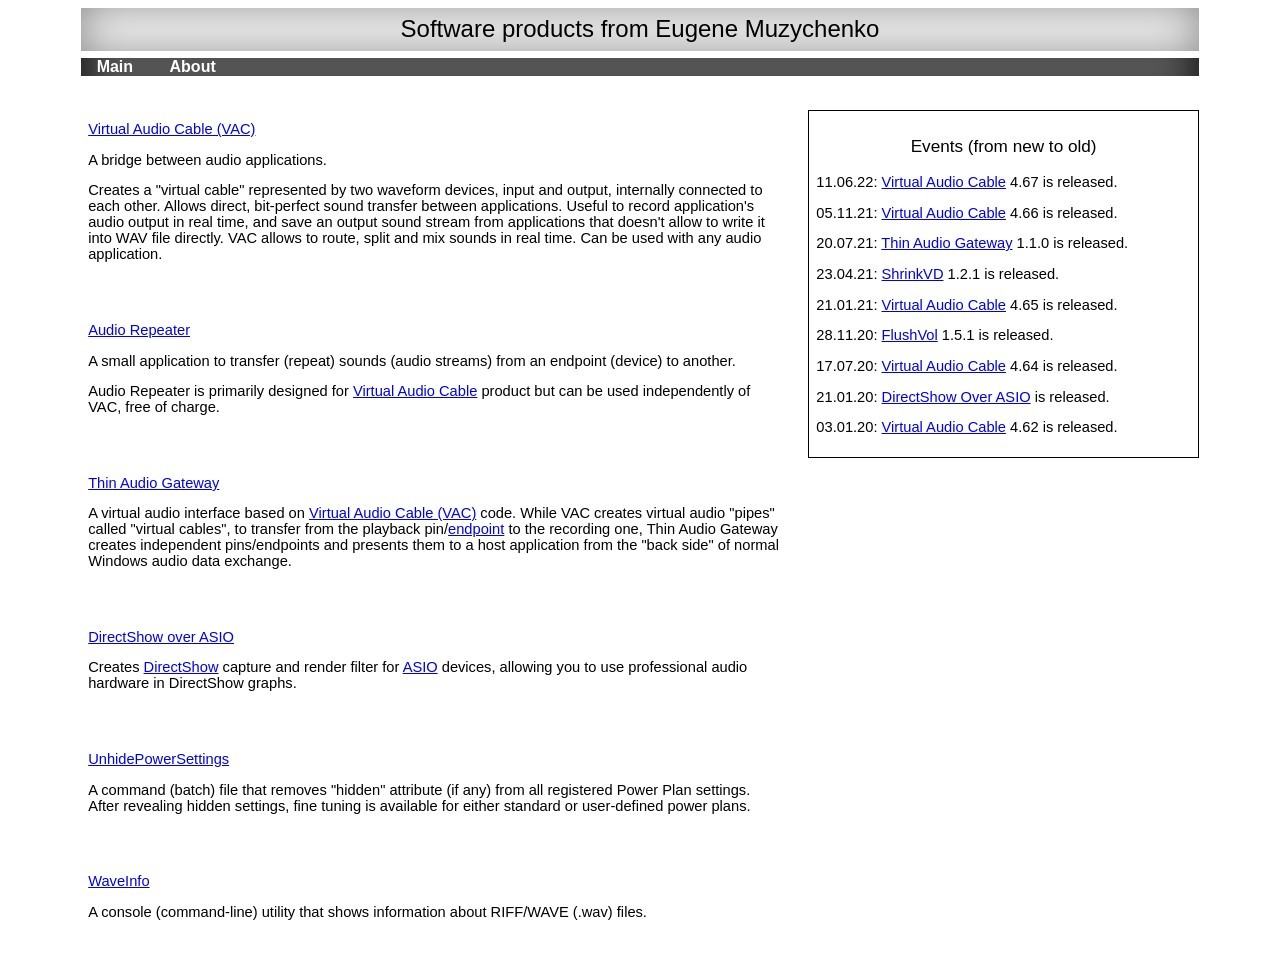 Software.muzychenko.net